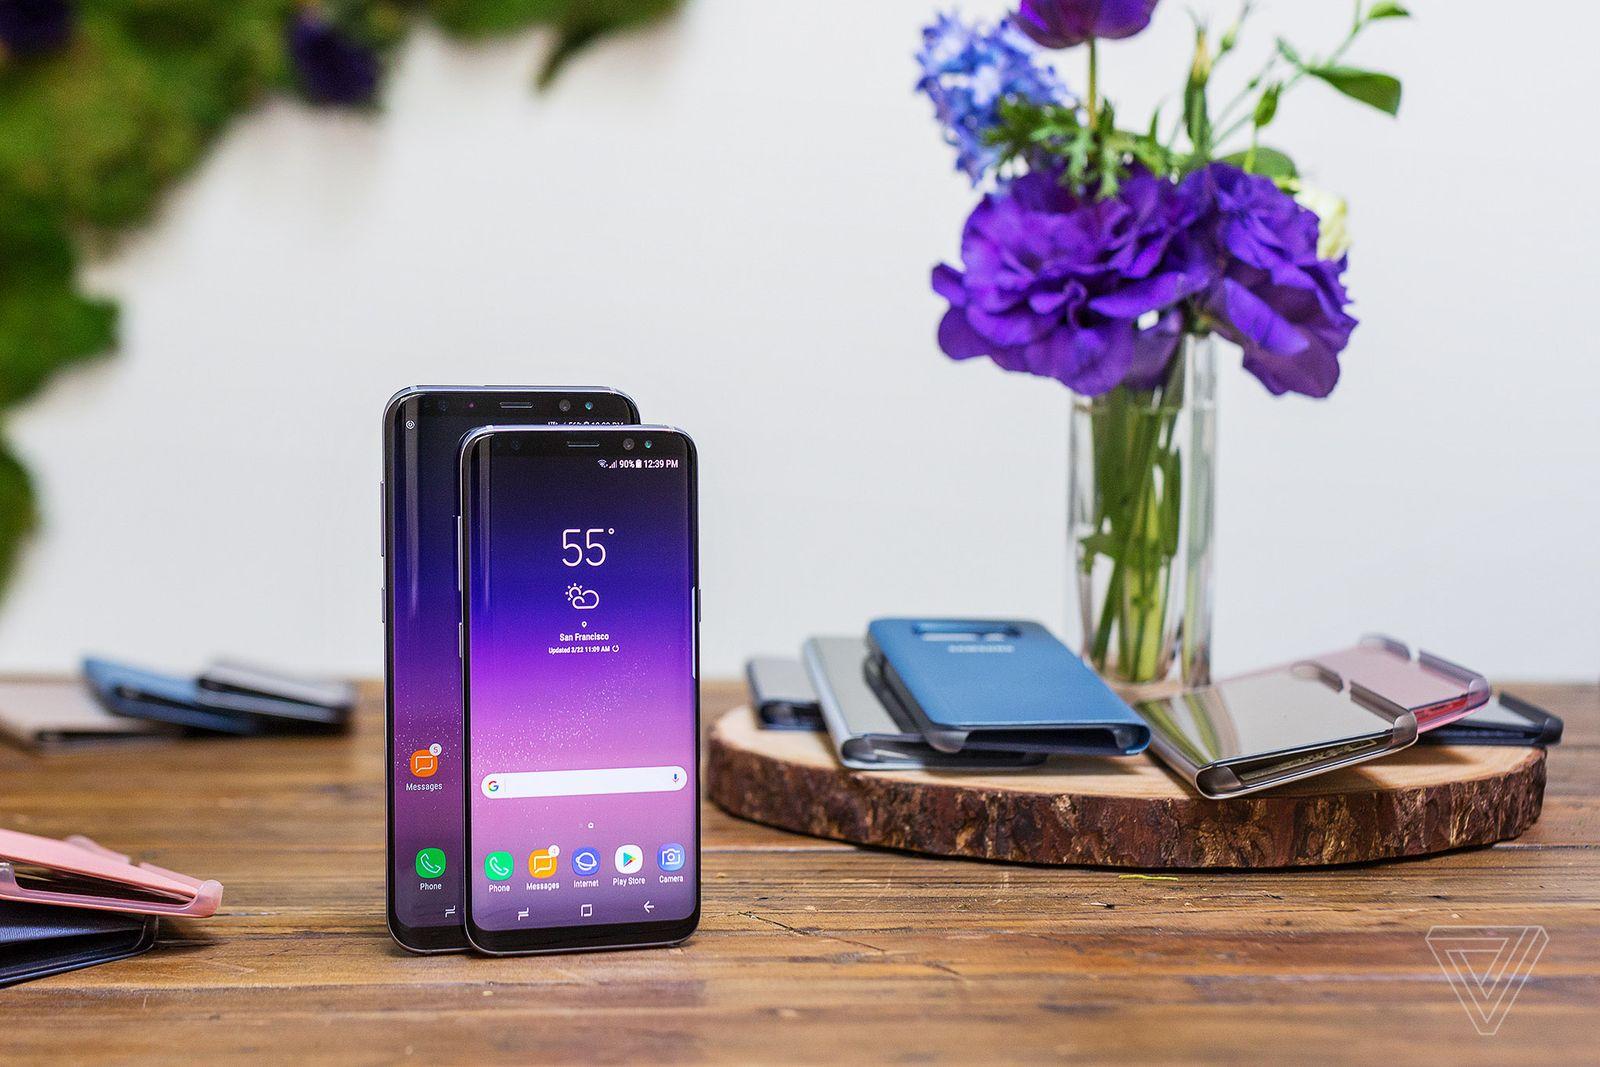 Hướng dẫn cài TWRP Recovery và Root Samsung Galaxy S8 (có video)